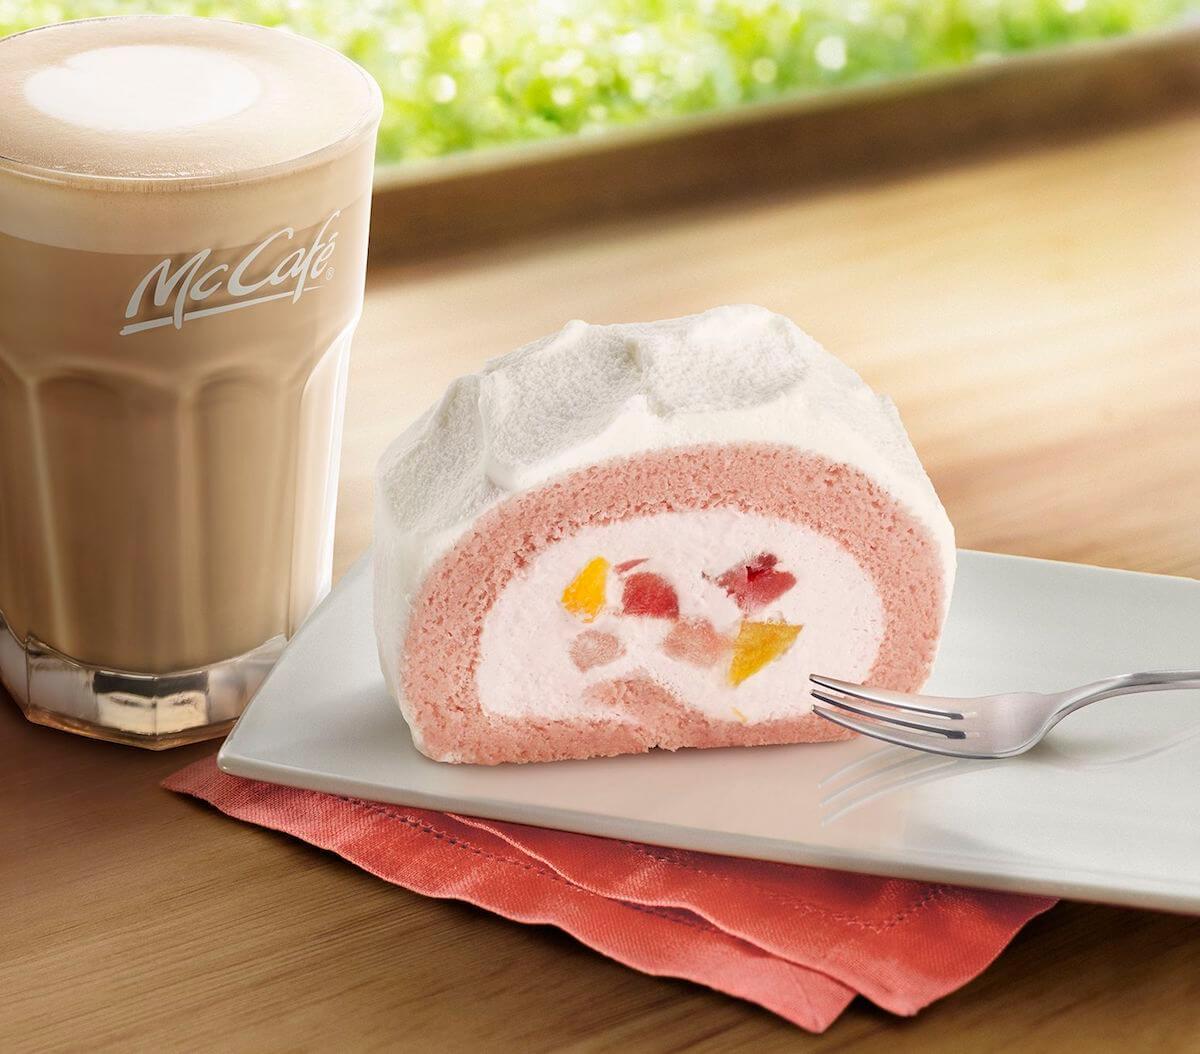 マクドナルド、新作メニュー「いちご&もも贅沢ロールケーキ」一部店舗で登場! food180927_mcdonalds_1